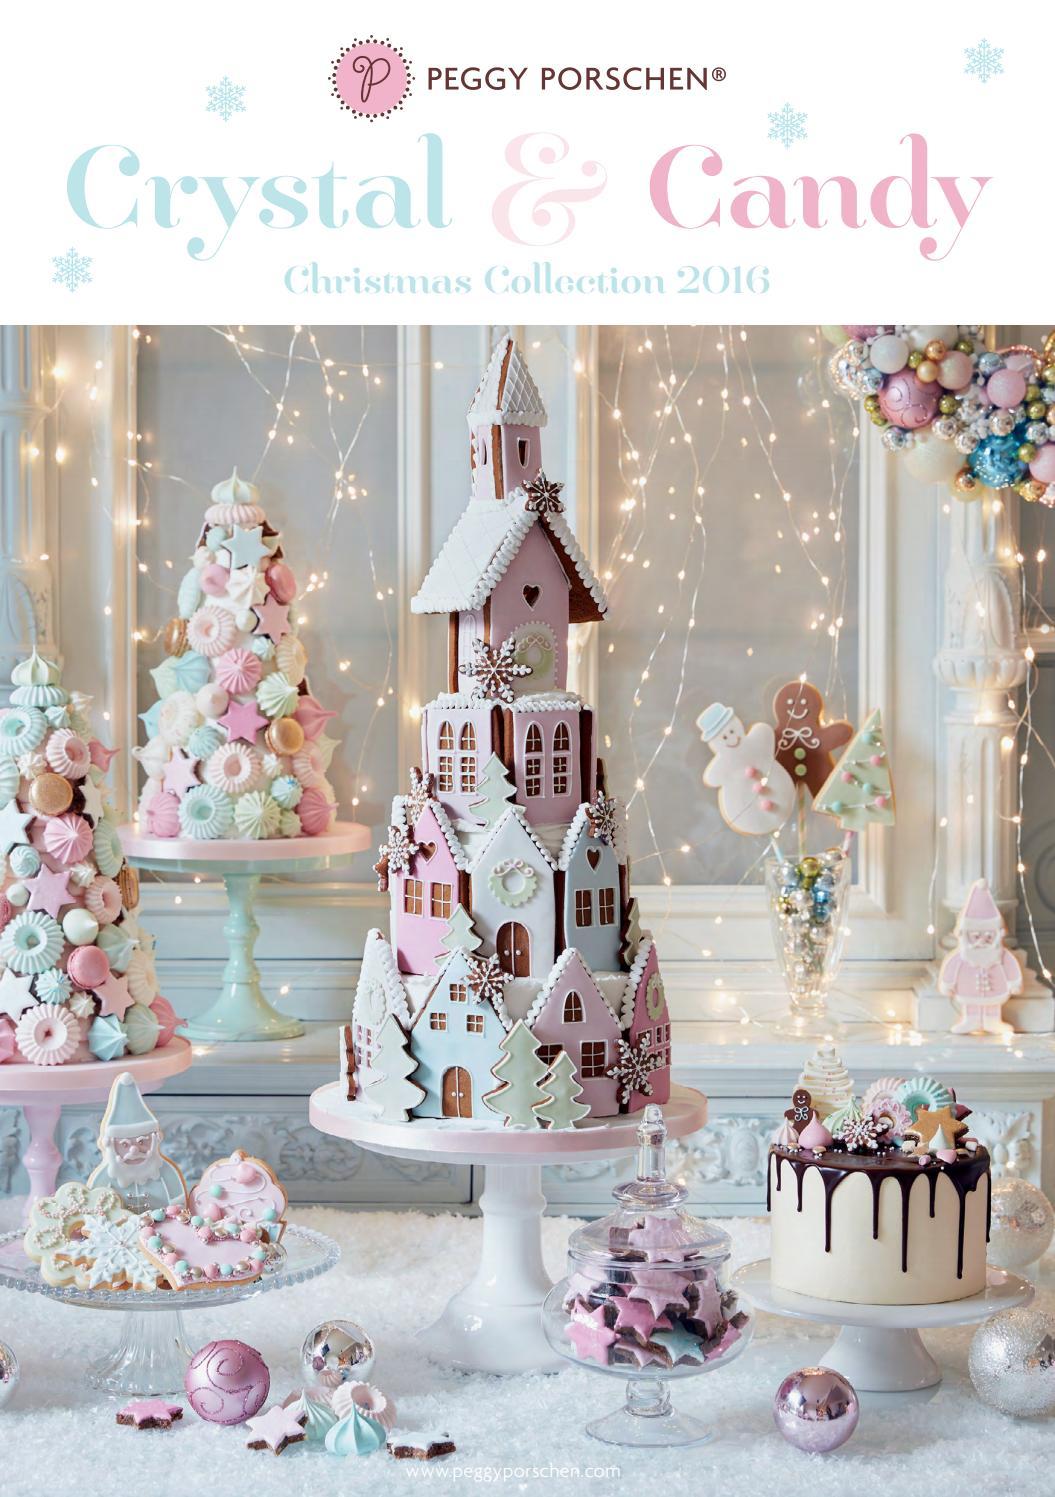 Peggy Porschen Wedding Cakes